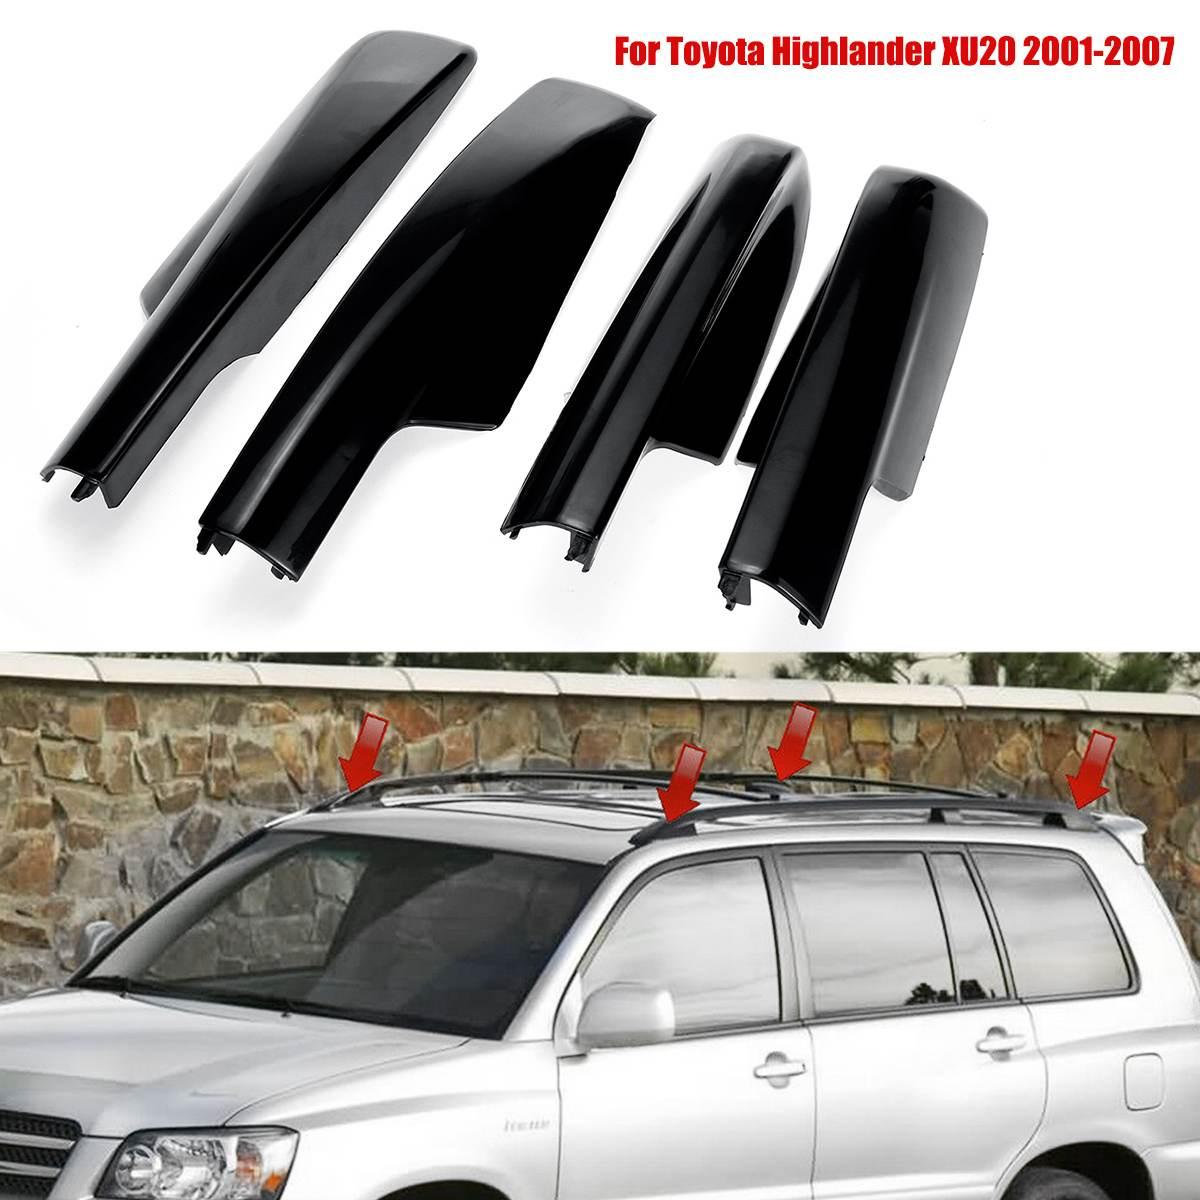 Autoleader 4PCS Dach Rack Bar Schiene Ende Schutz Abdeckung Shell Für Toyota Highlander XU20 2001-2007 Neue